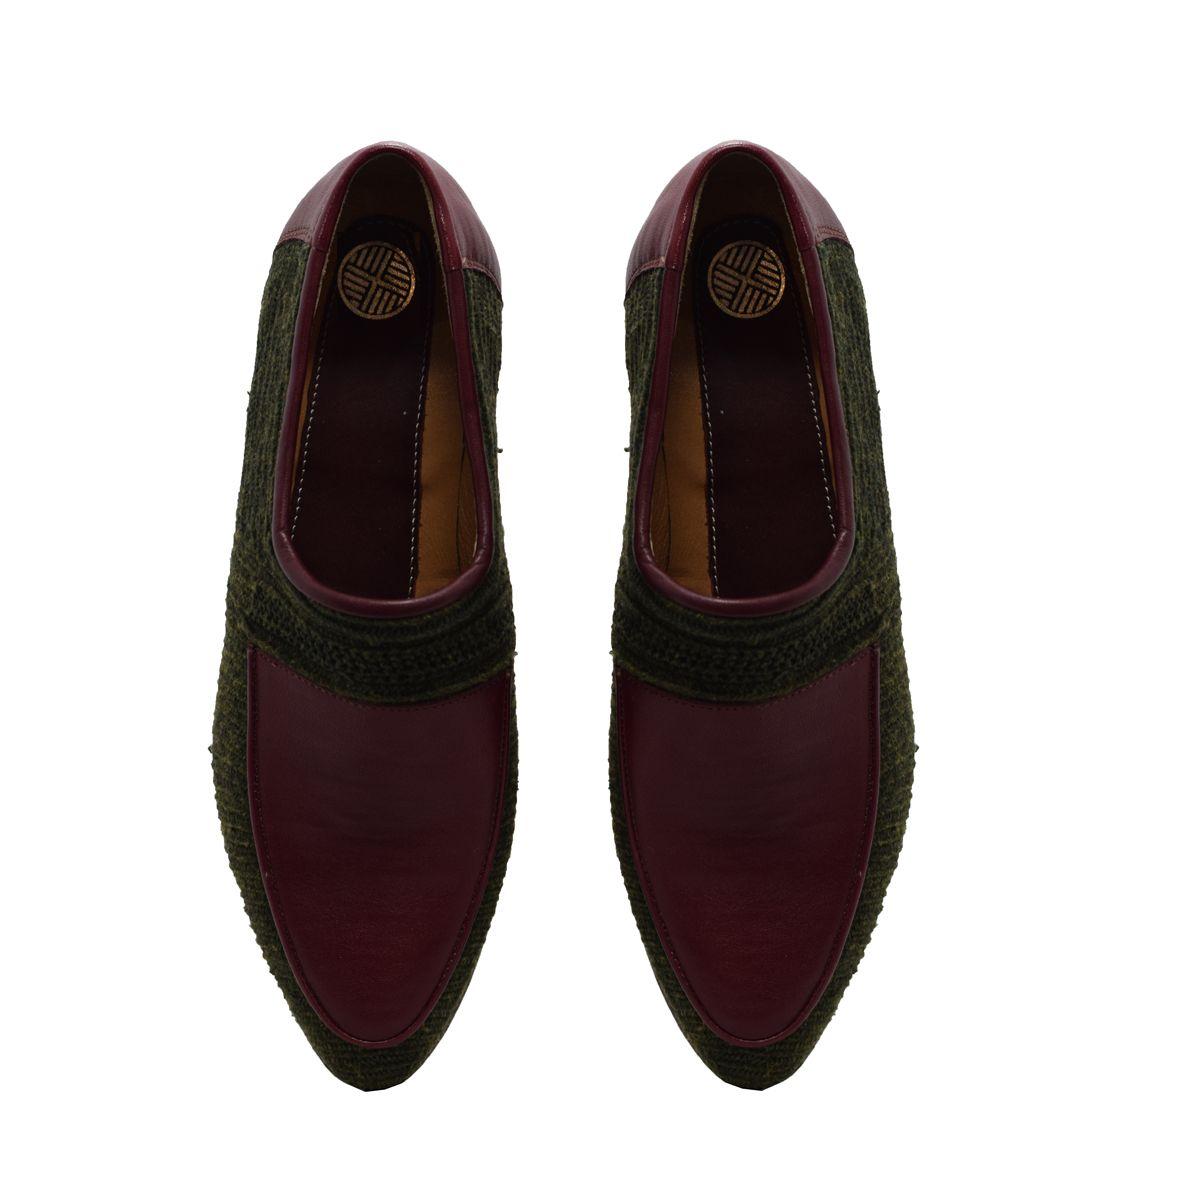 کفش زنانه دگرمان مدل آبان کد deg.1ab1023 -  - 4